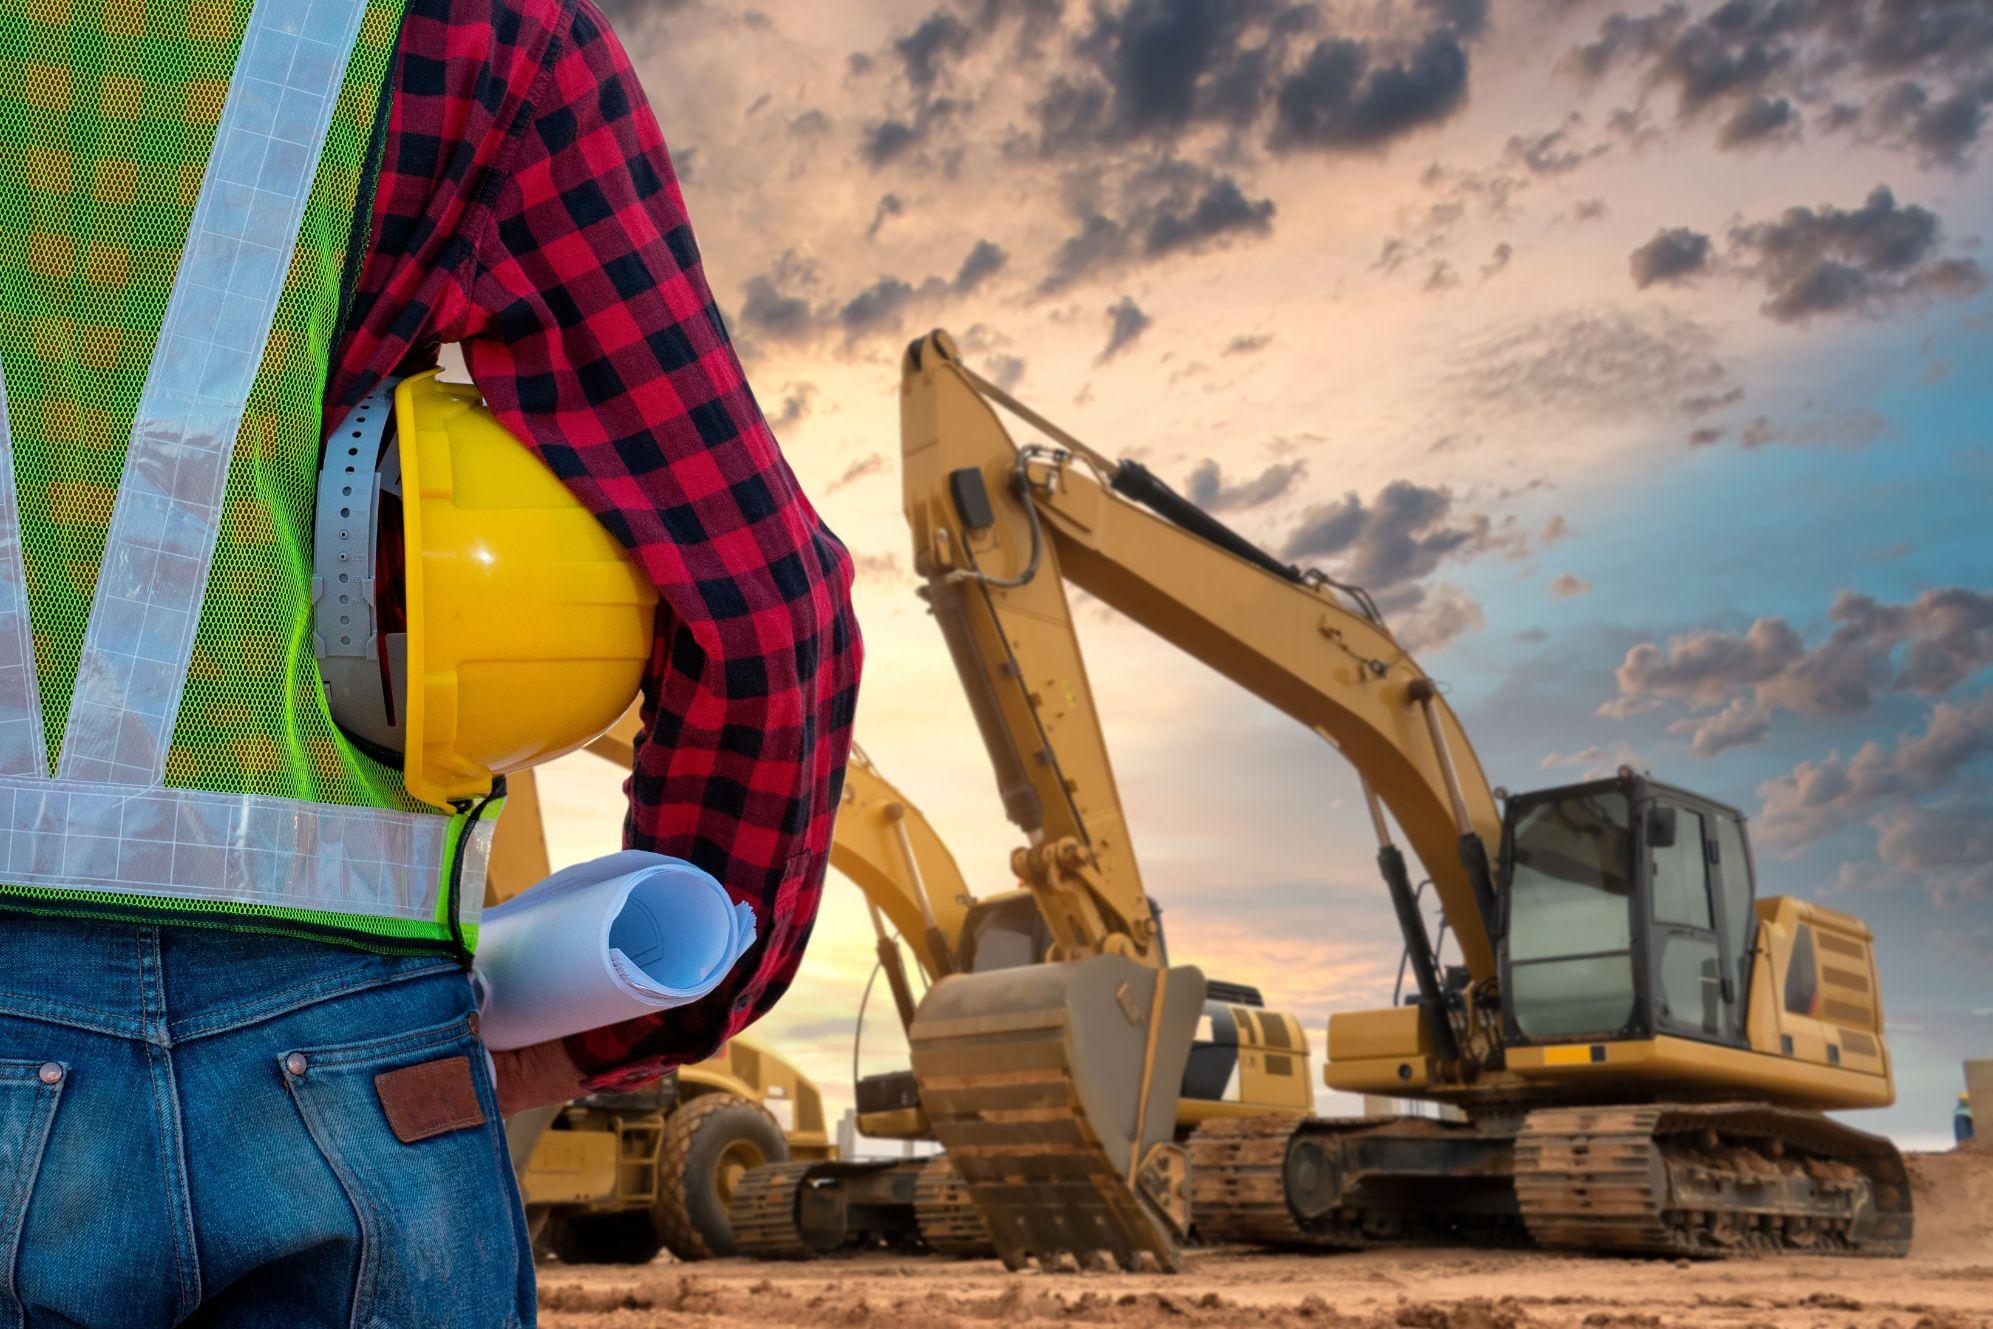 Experienced Excavator Operators